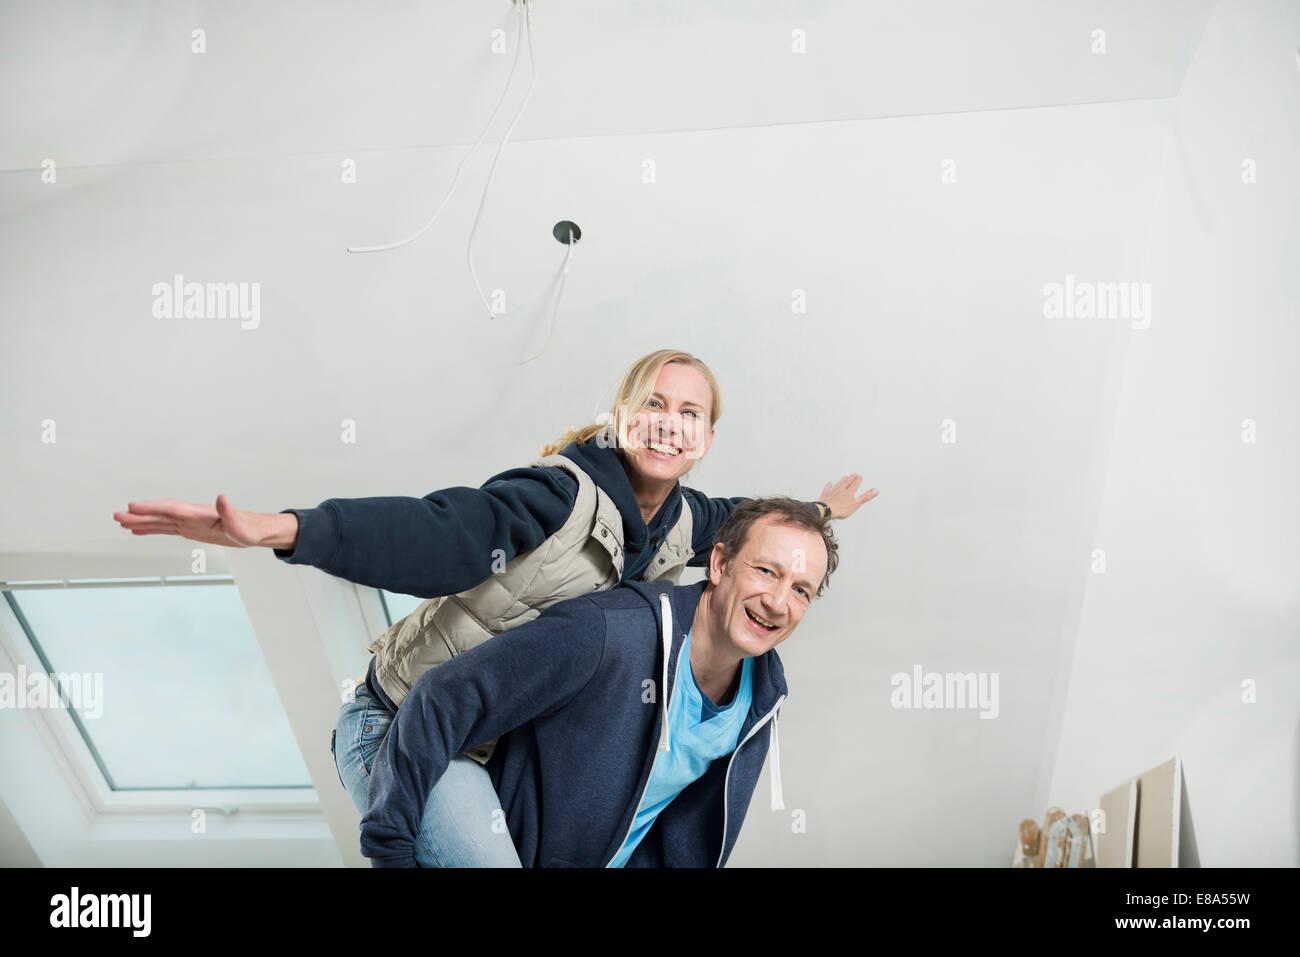 Mann seine Partnerin eine Huckepack während der Renovierung Stockbild